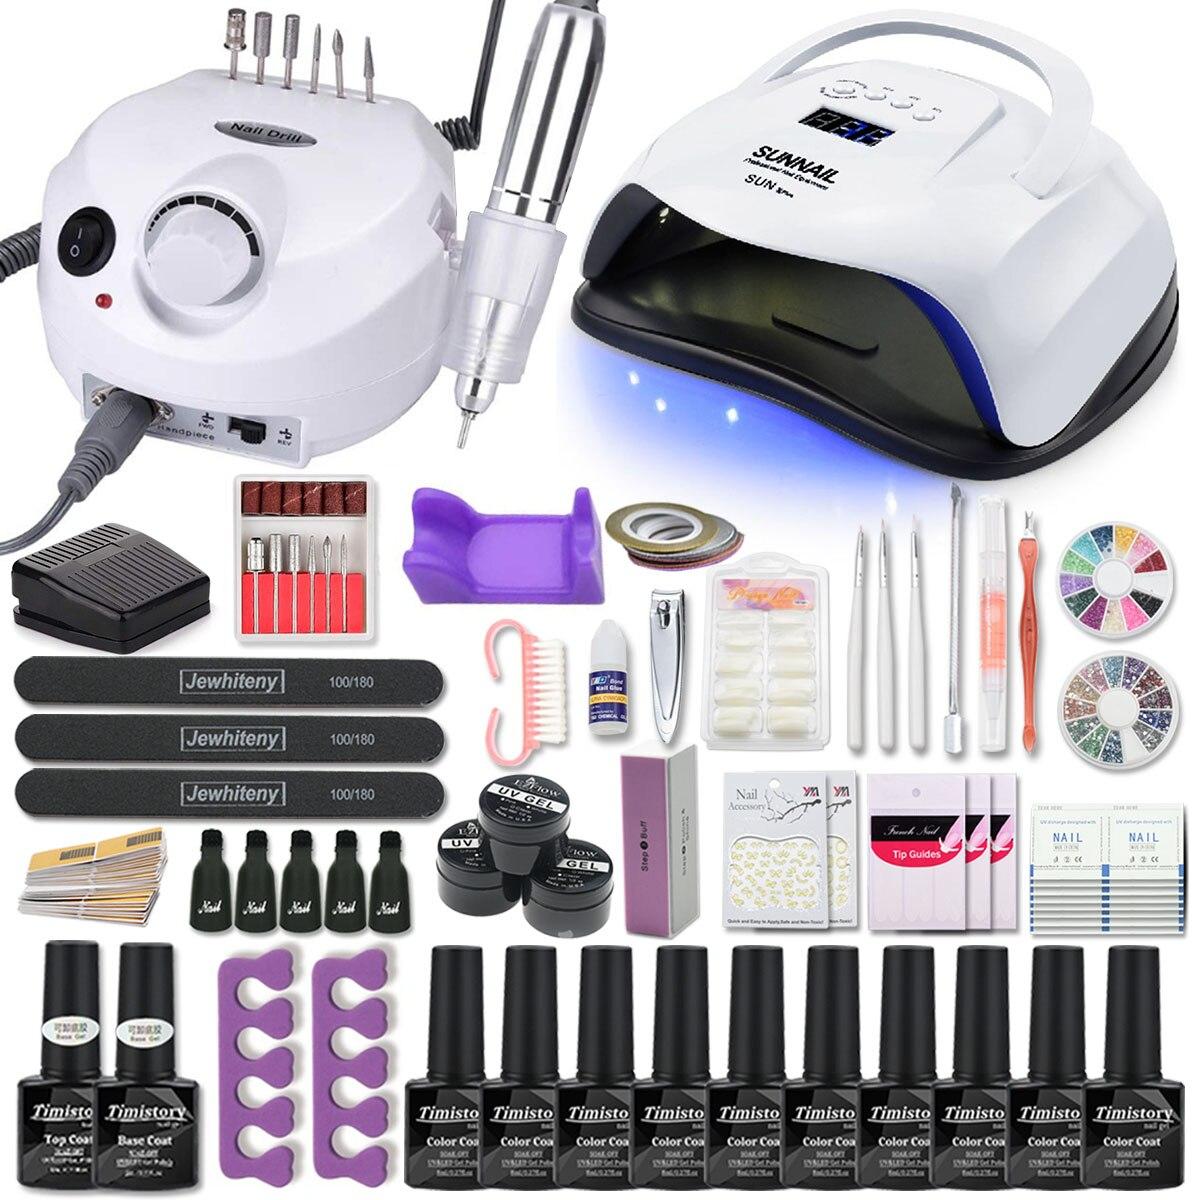 kit-de-manucure-acrylique-kit-d'ongle-avec-120-80-54w-lampe-a-ongles-35000-tr-min-perceuse-a-ongles-machine-choisir-gel-vernis-a-ongles-tout-pour-manucure